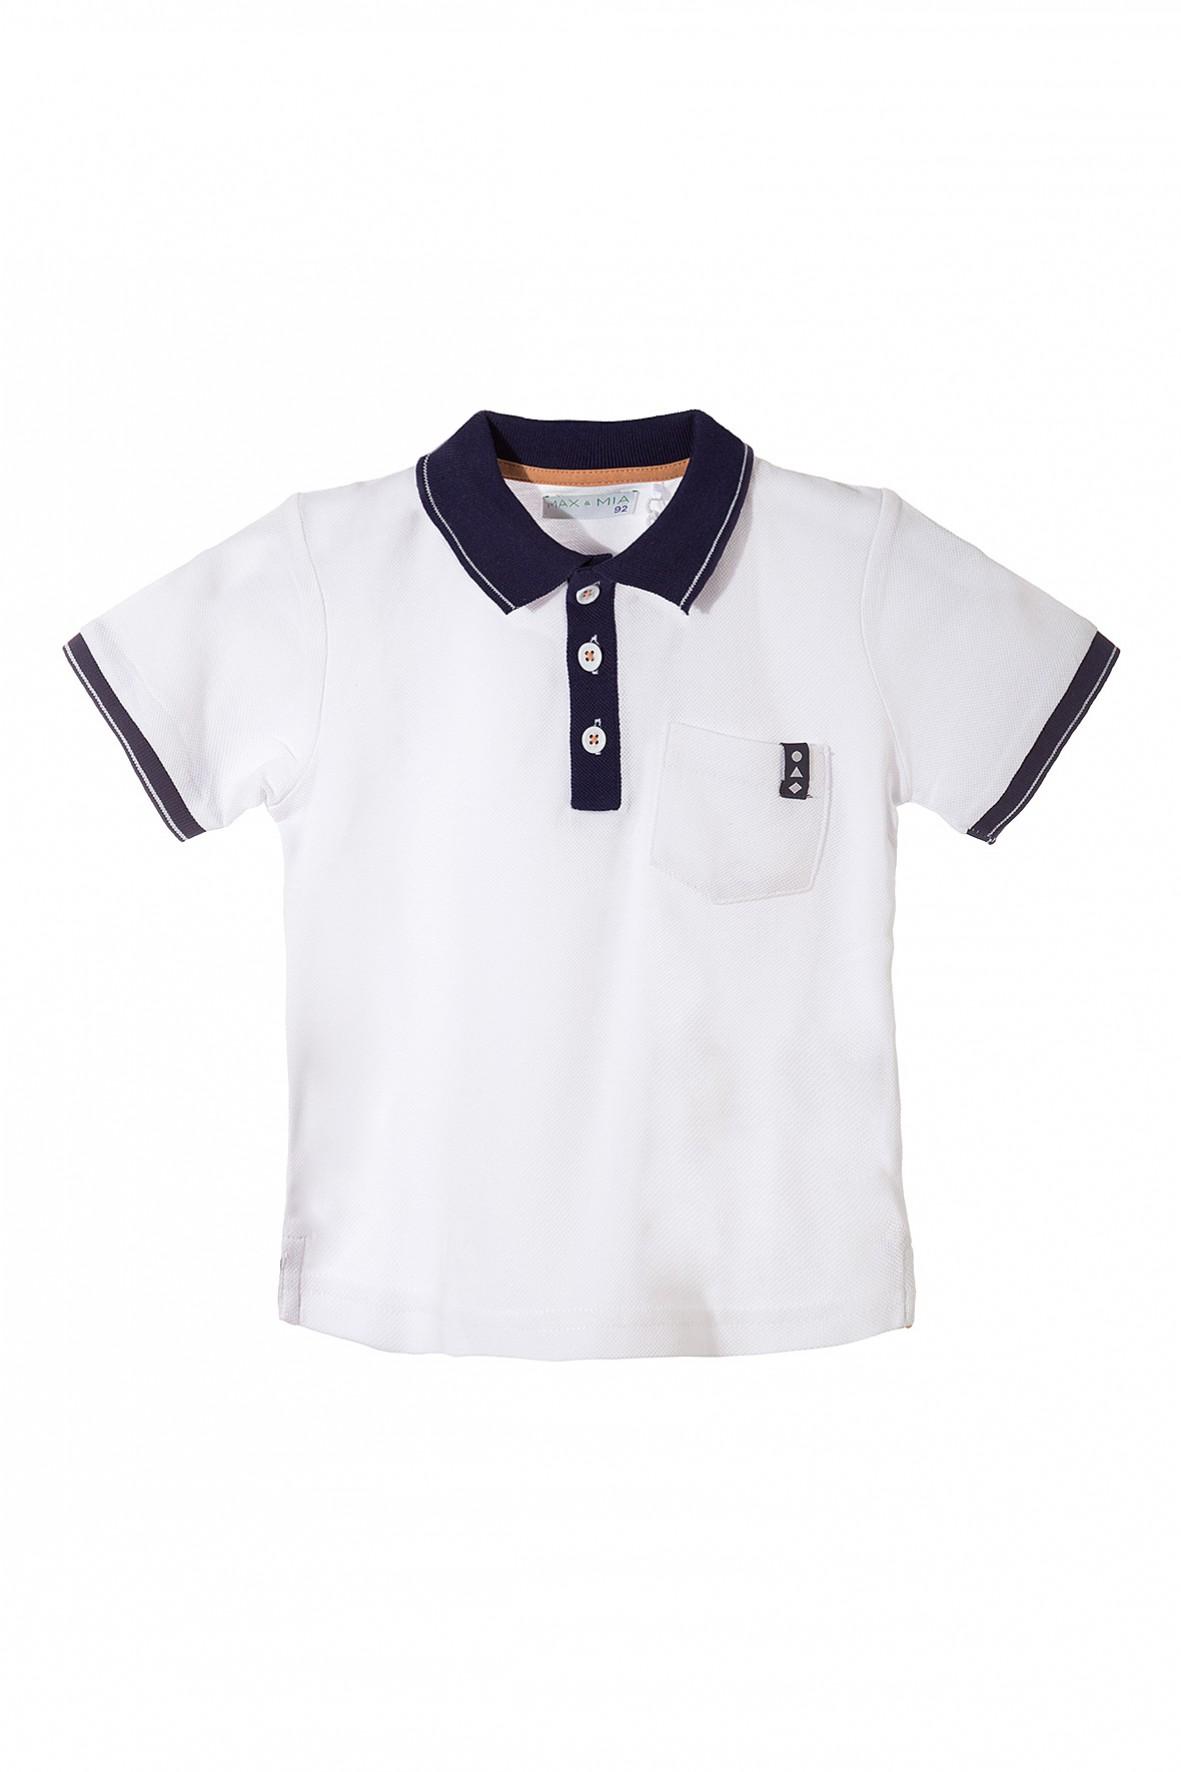 T-shirt chłopięcy 1I3301